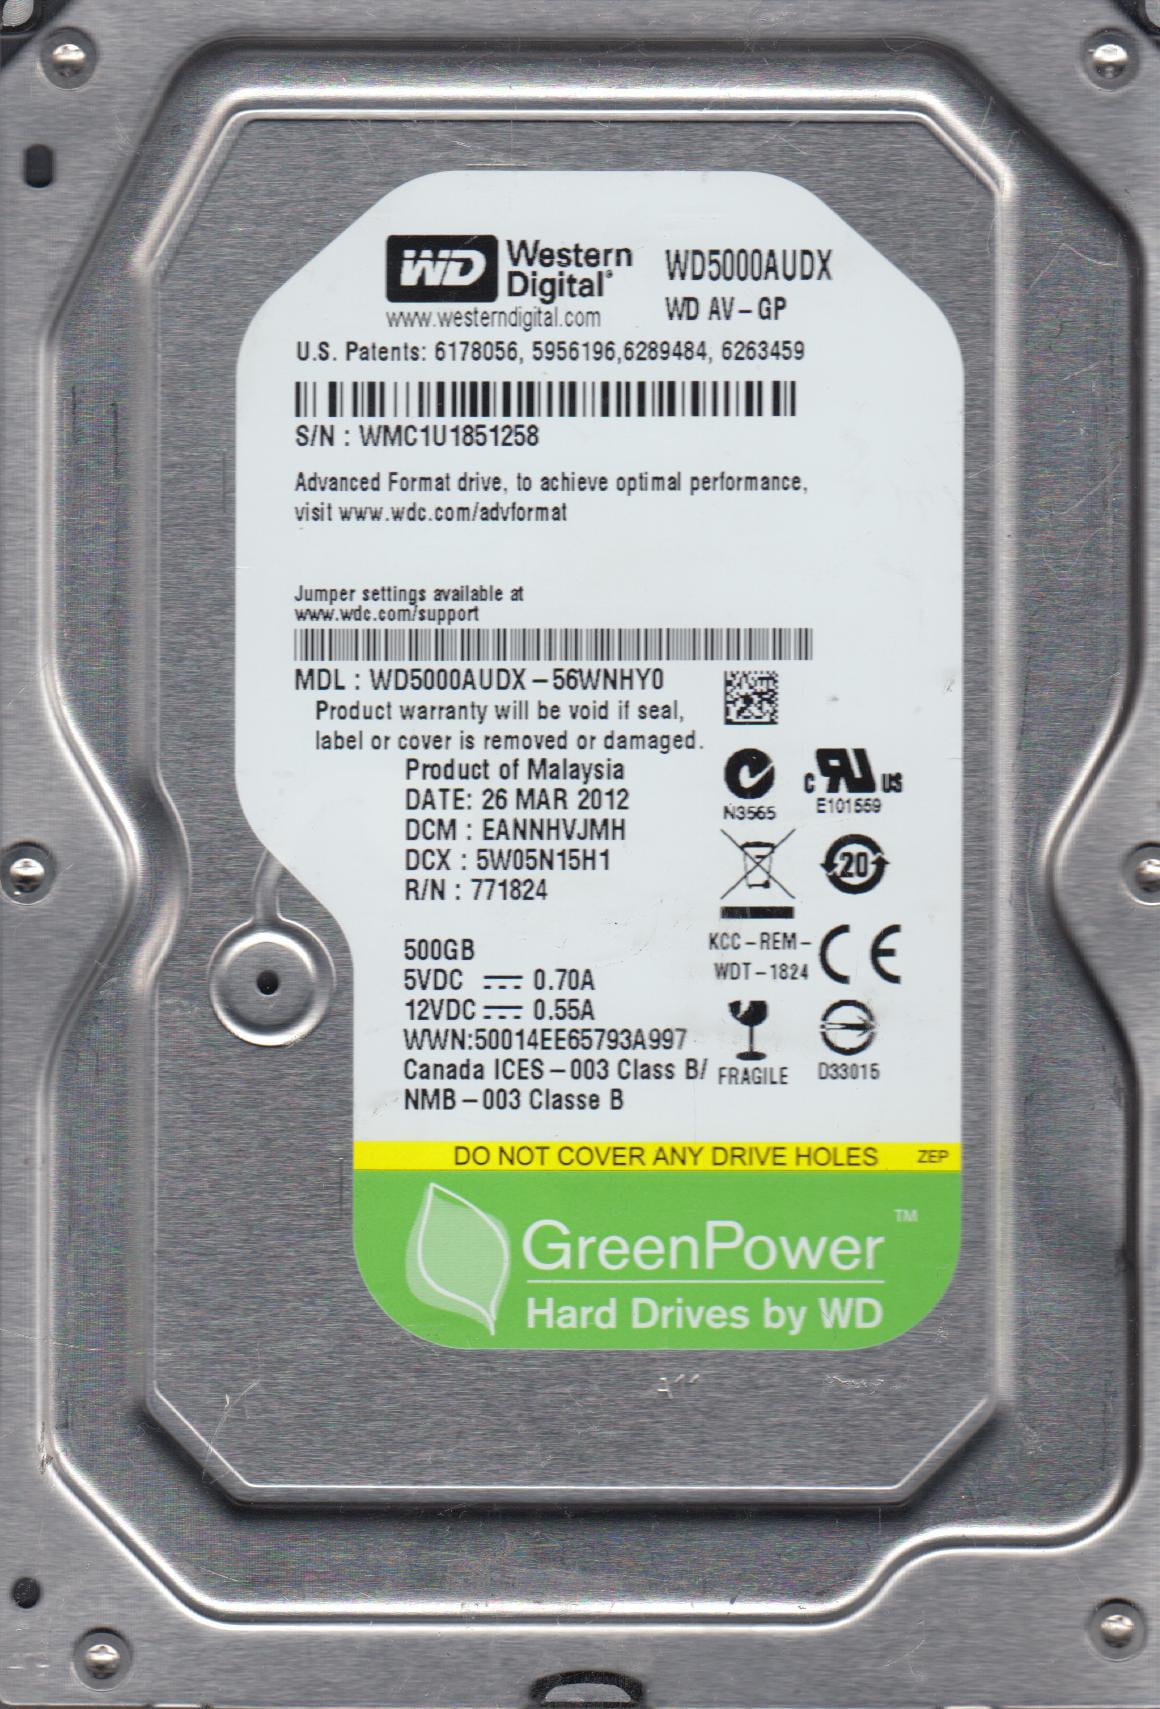 WD5000AUDX-56WNHY0, DCM EANNHVJMH, Western Digital 500GB SATA 3.5 Hard Drive by Western Digital